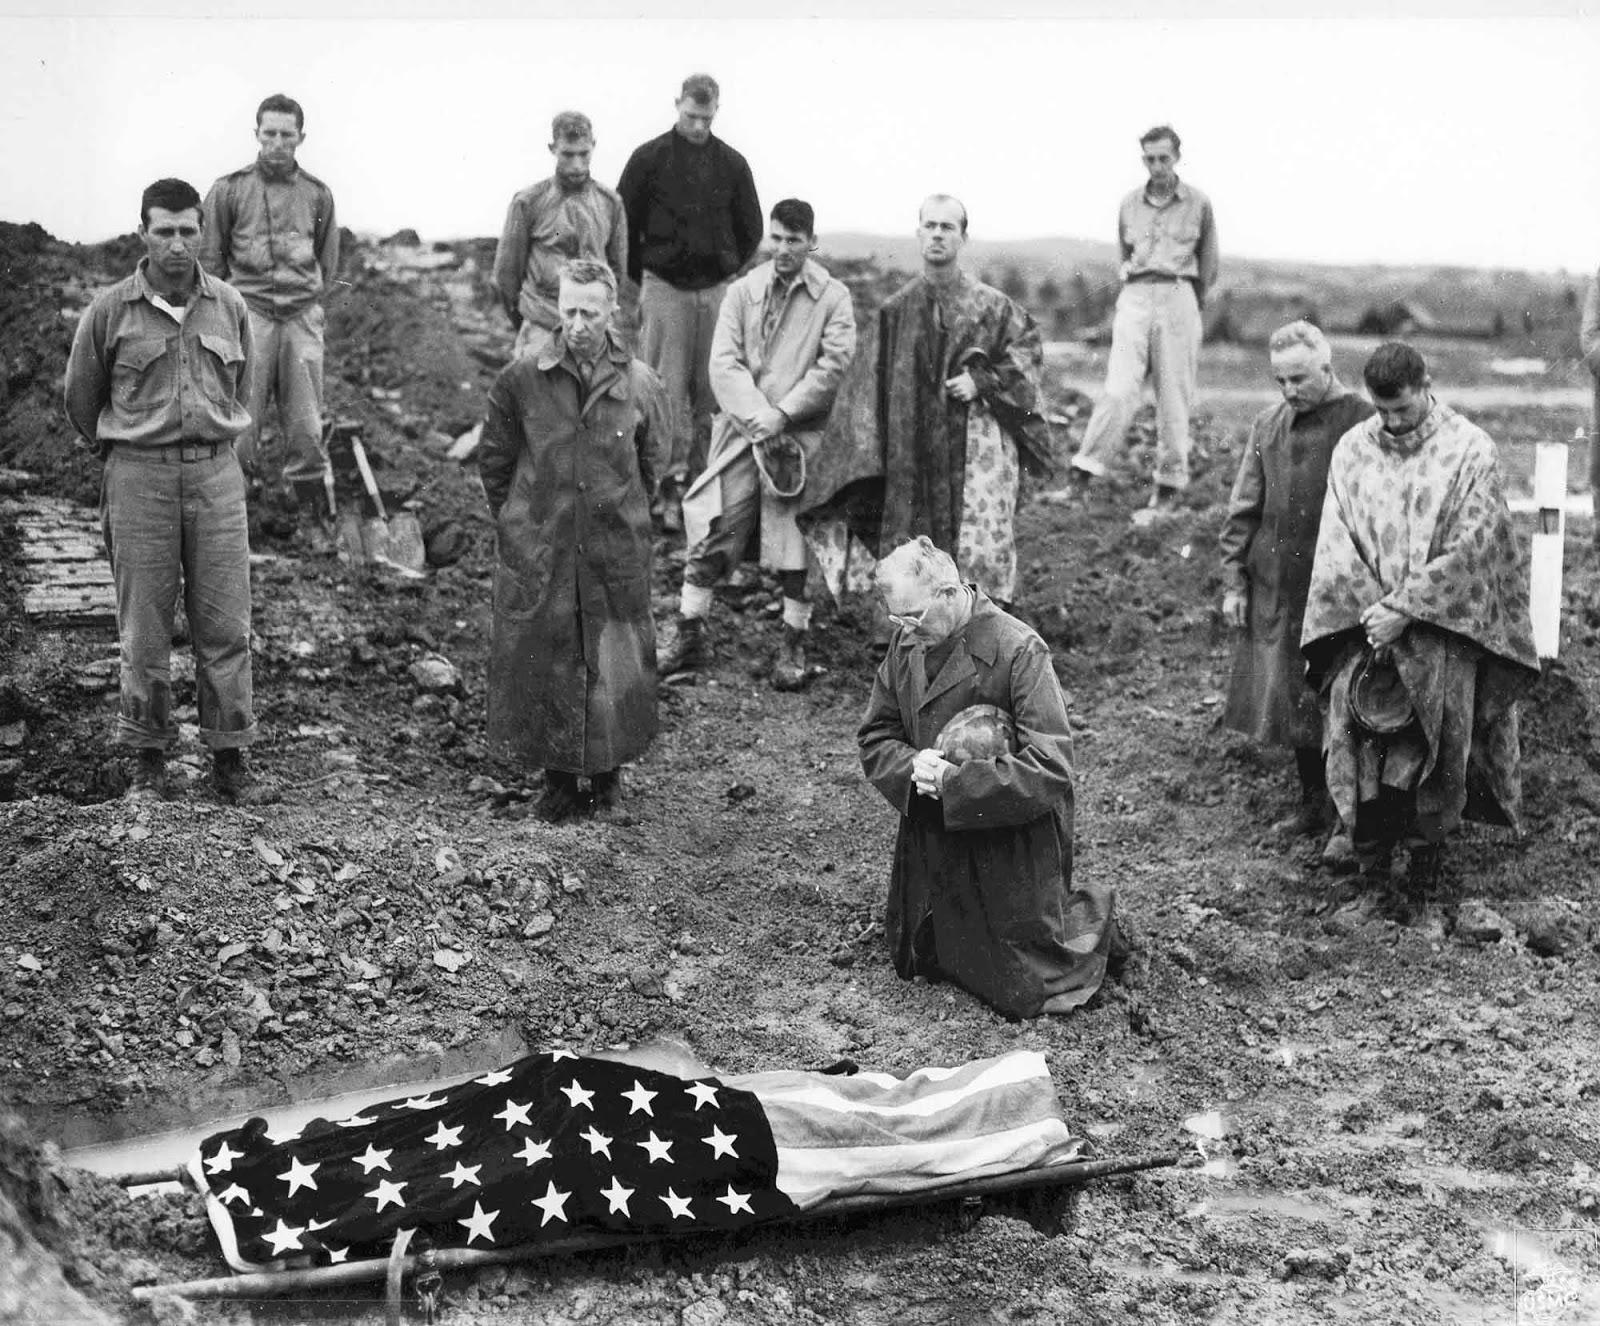 El coronel de la marina estadounidense Francis Fenton dirigiendo el funeral de su hijo privado de primera clase Mike Fenton, cerca de Shuri, Okinawa, mayo de 1945.